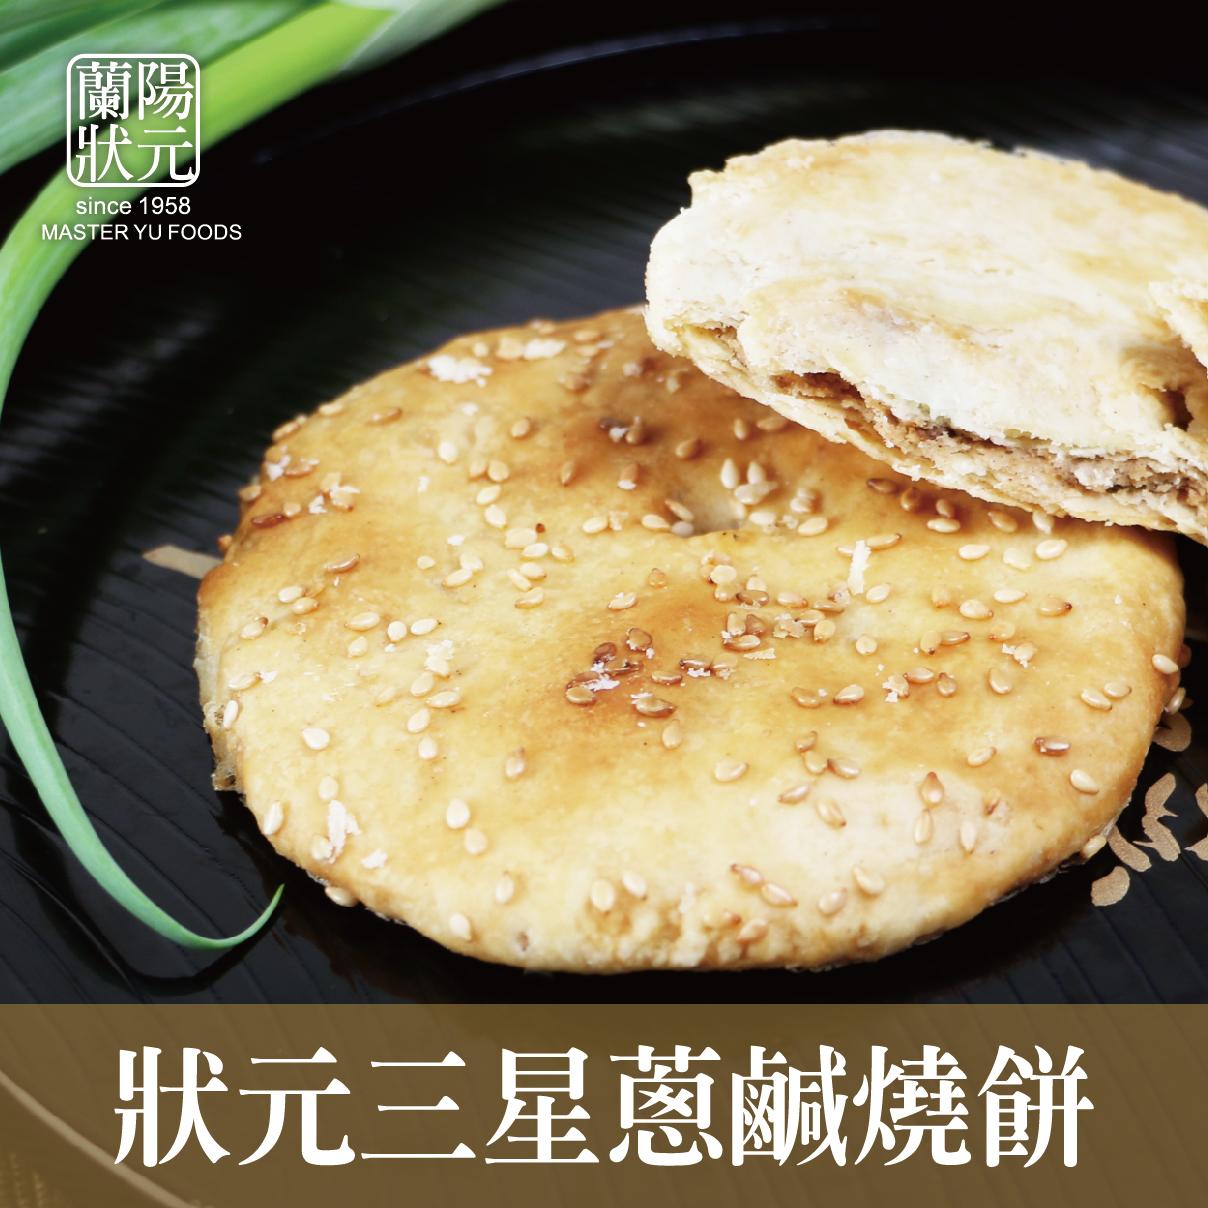 【手作宜蘭燒餅組合 2包免運組】(三星蔥) 12入 + (甜麥芽) 7入【蘭陽狀元食品】